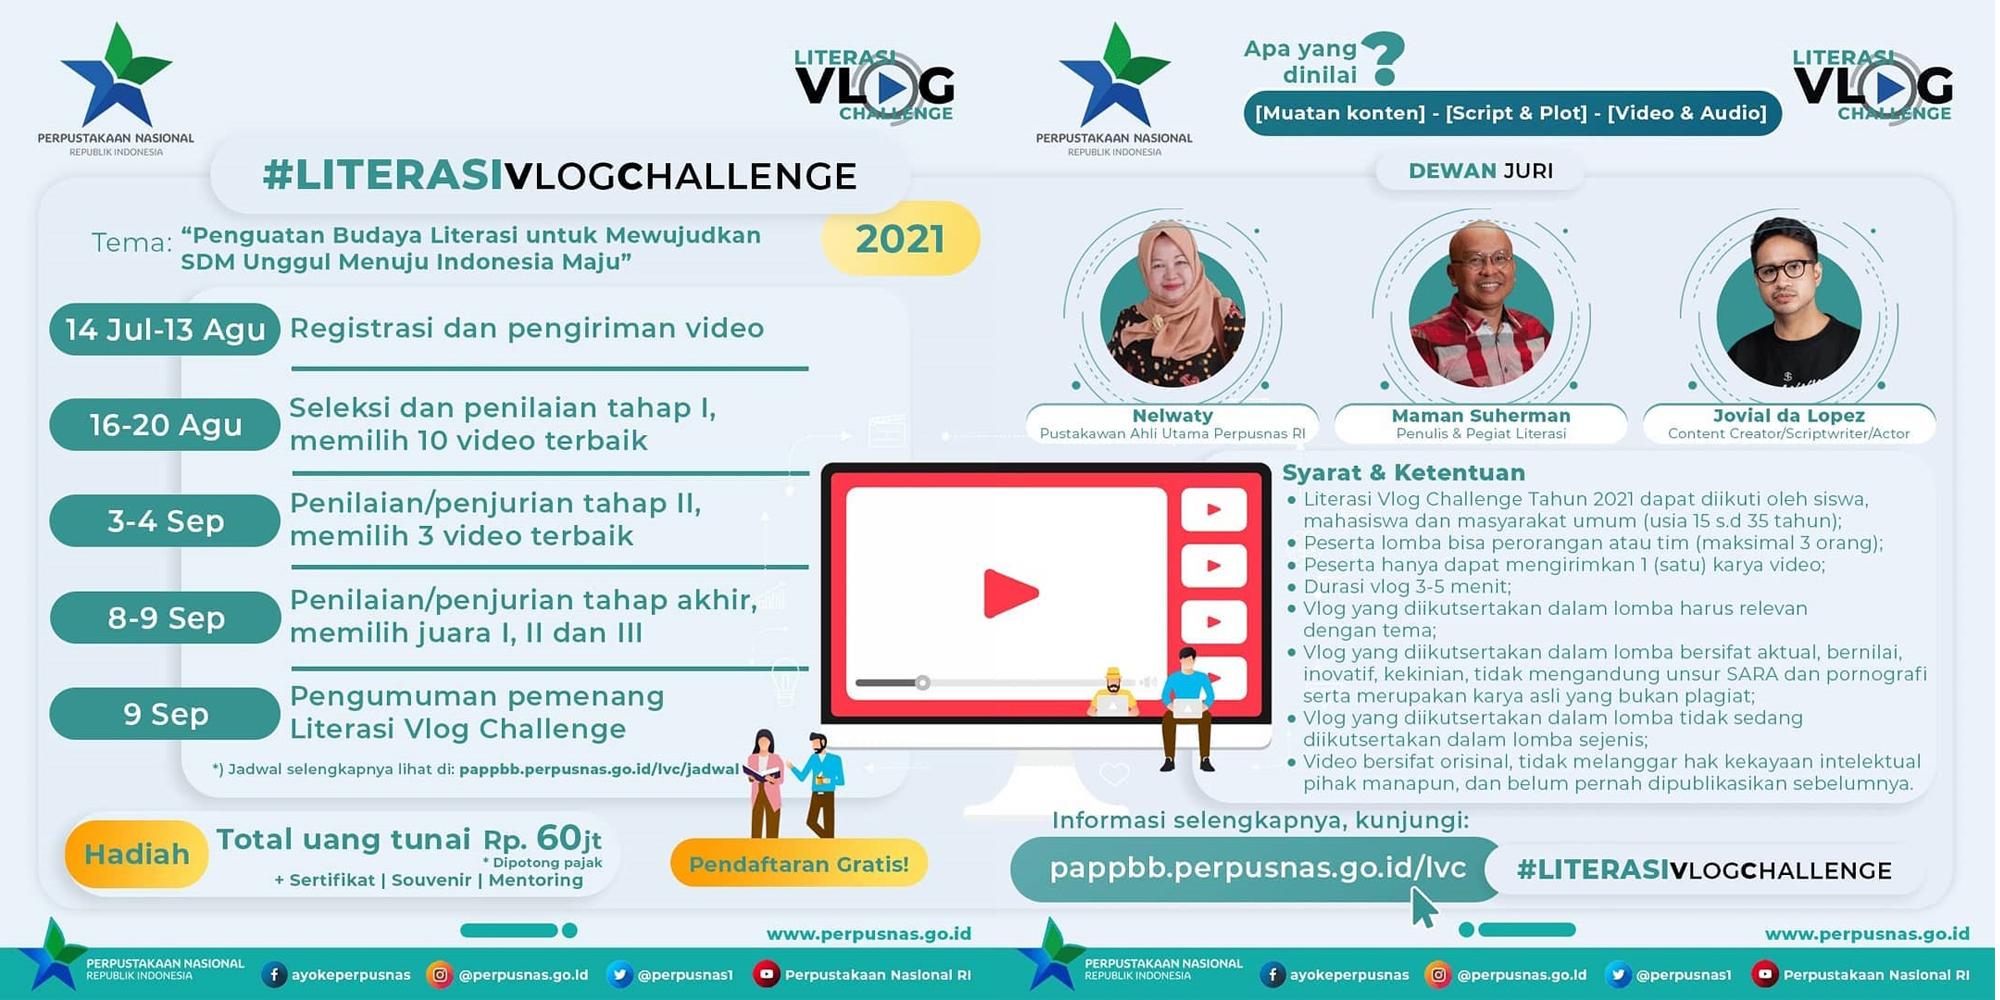 Lomba Vlog Literasi Berhadiah Total 60 Juta Rupiah oleh Perpusnas